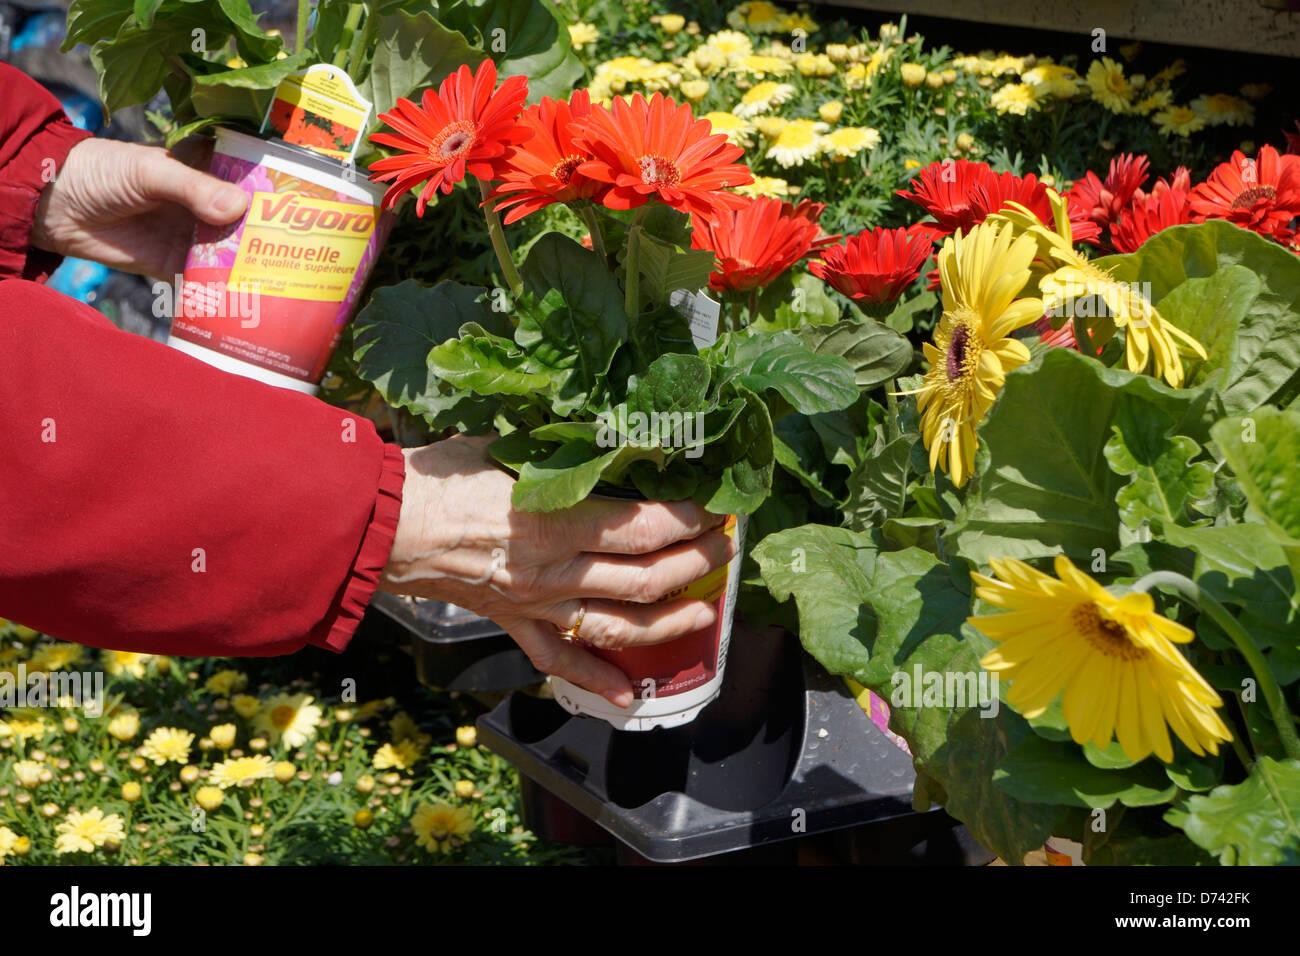 Fesselnd Gartencenter Blumen Topf Pflanzen Closeup, Gerbera